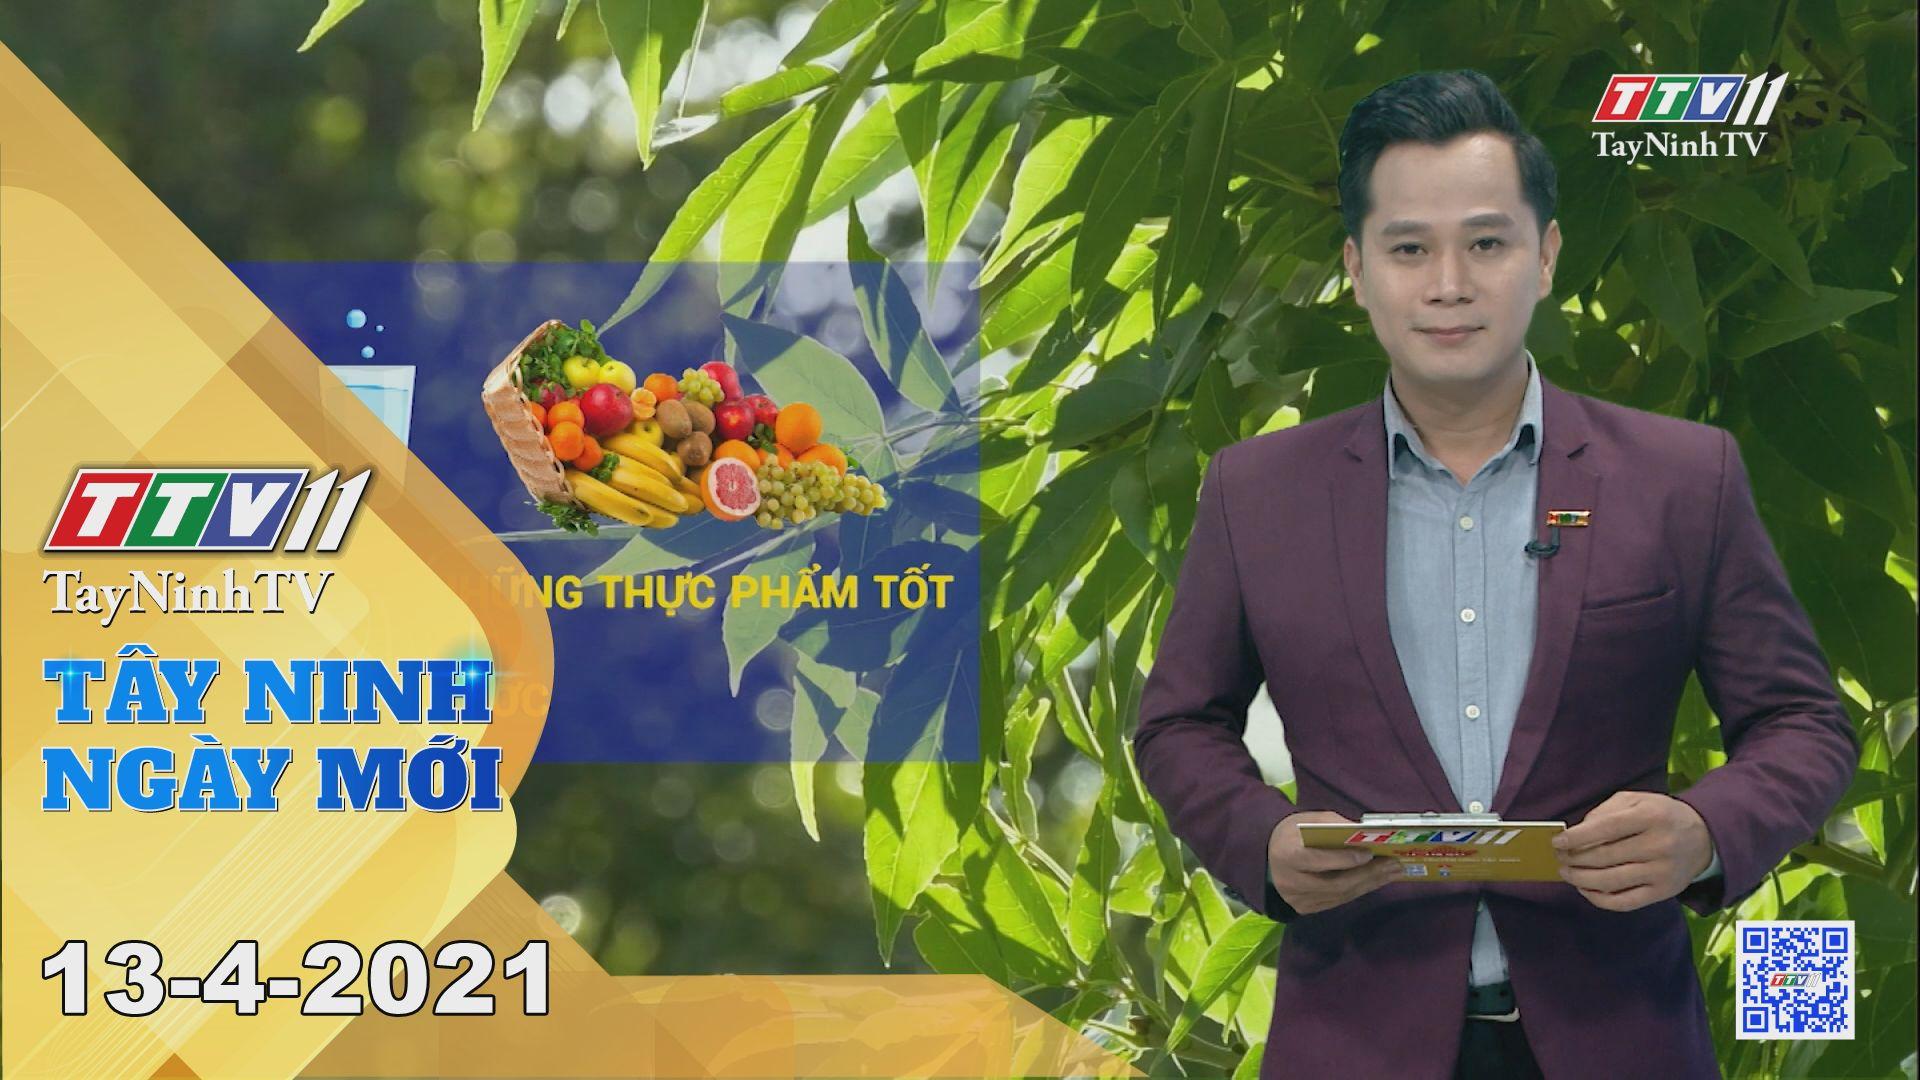 Tây Ninh Ngày Mới 13-4-2021 | Tin tức hôm nay | TayNinhTV